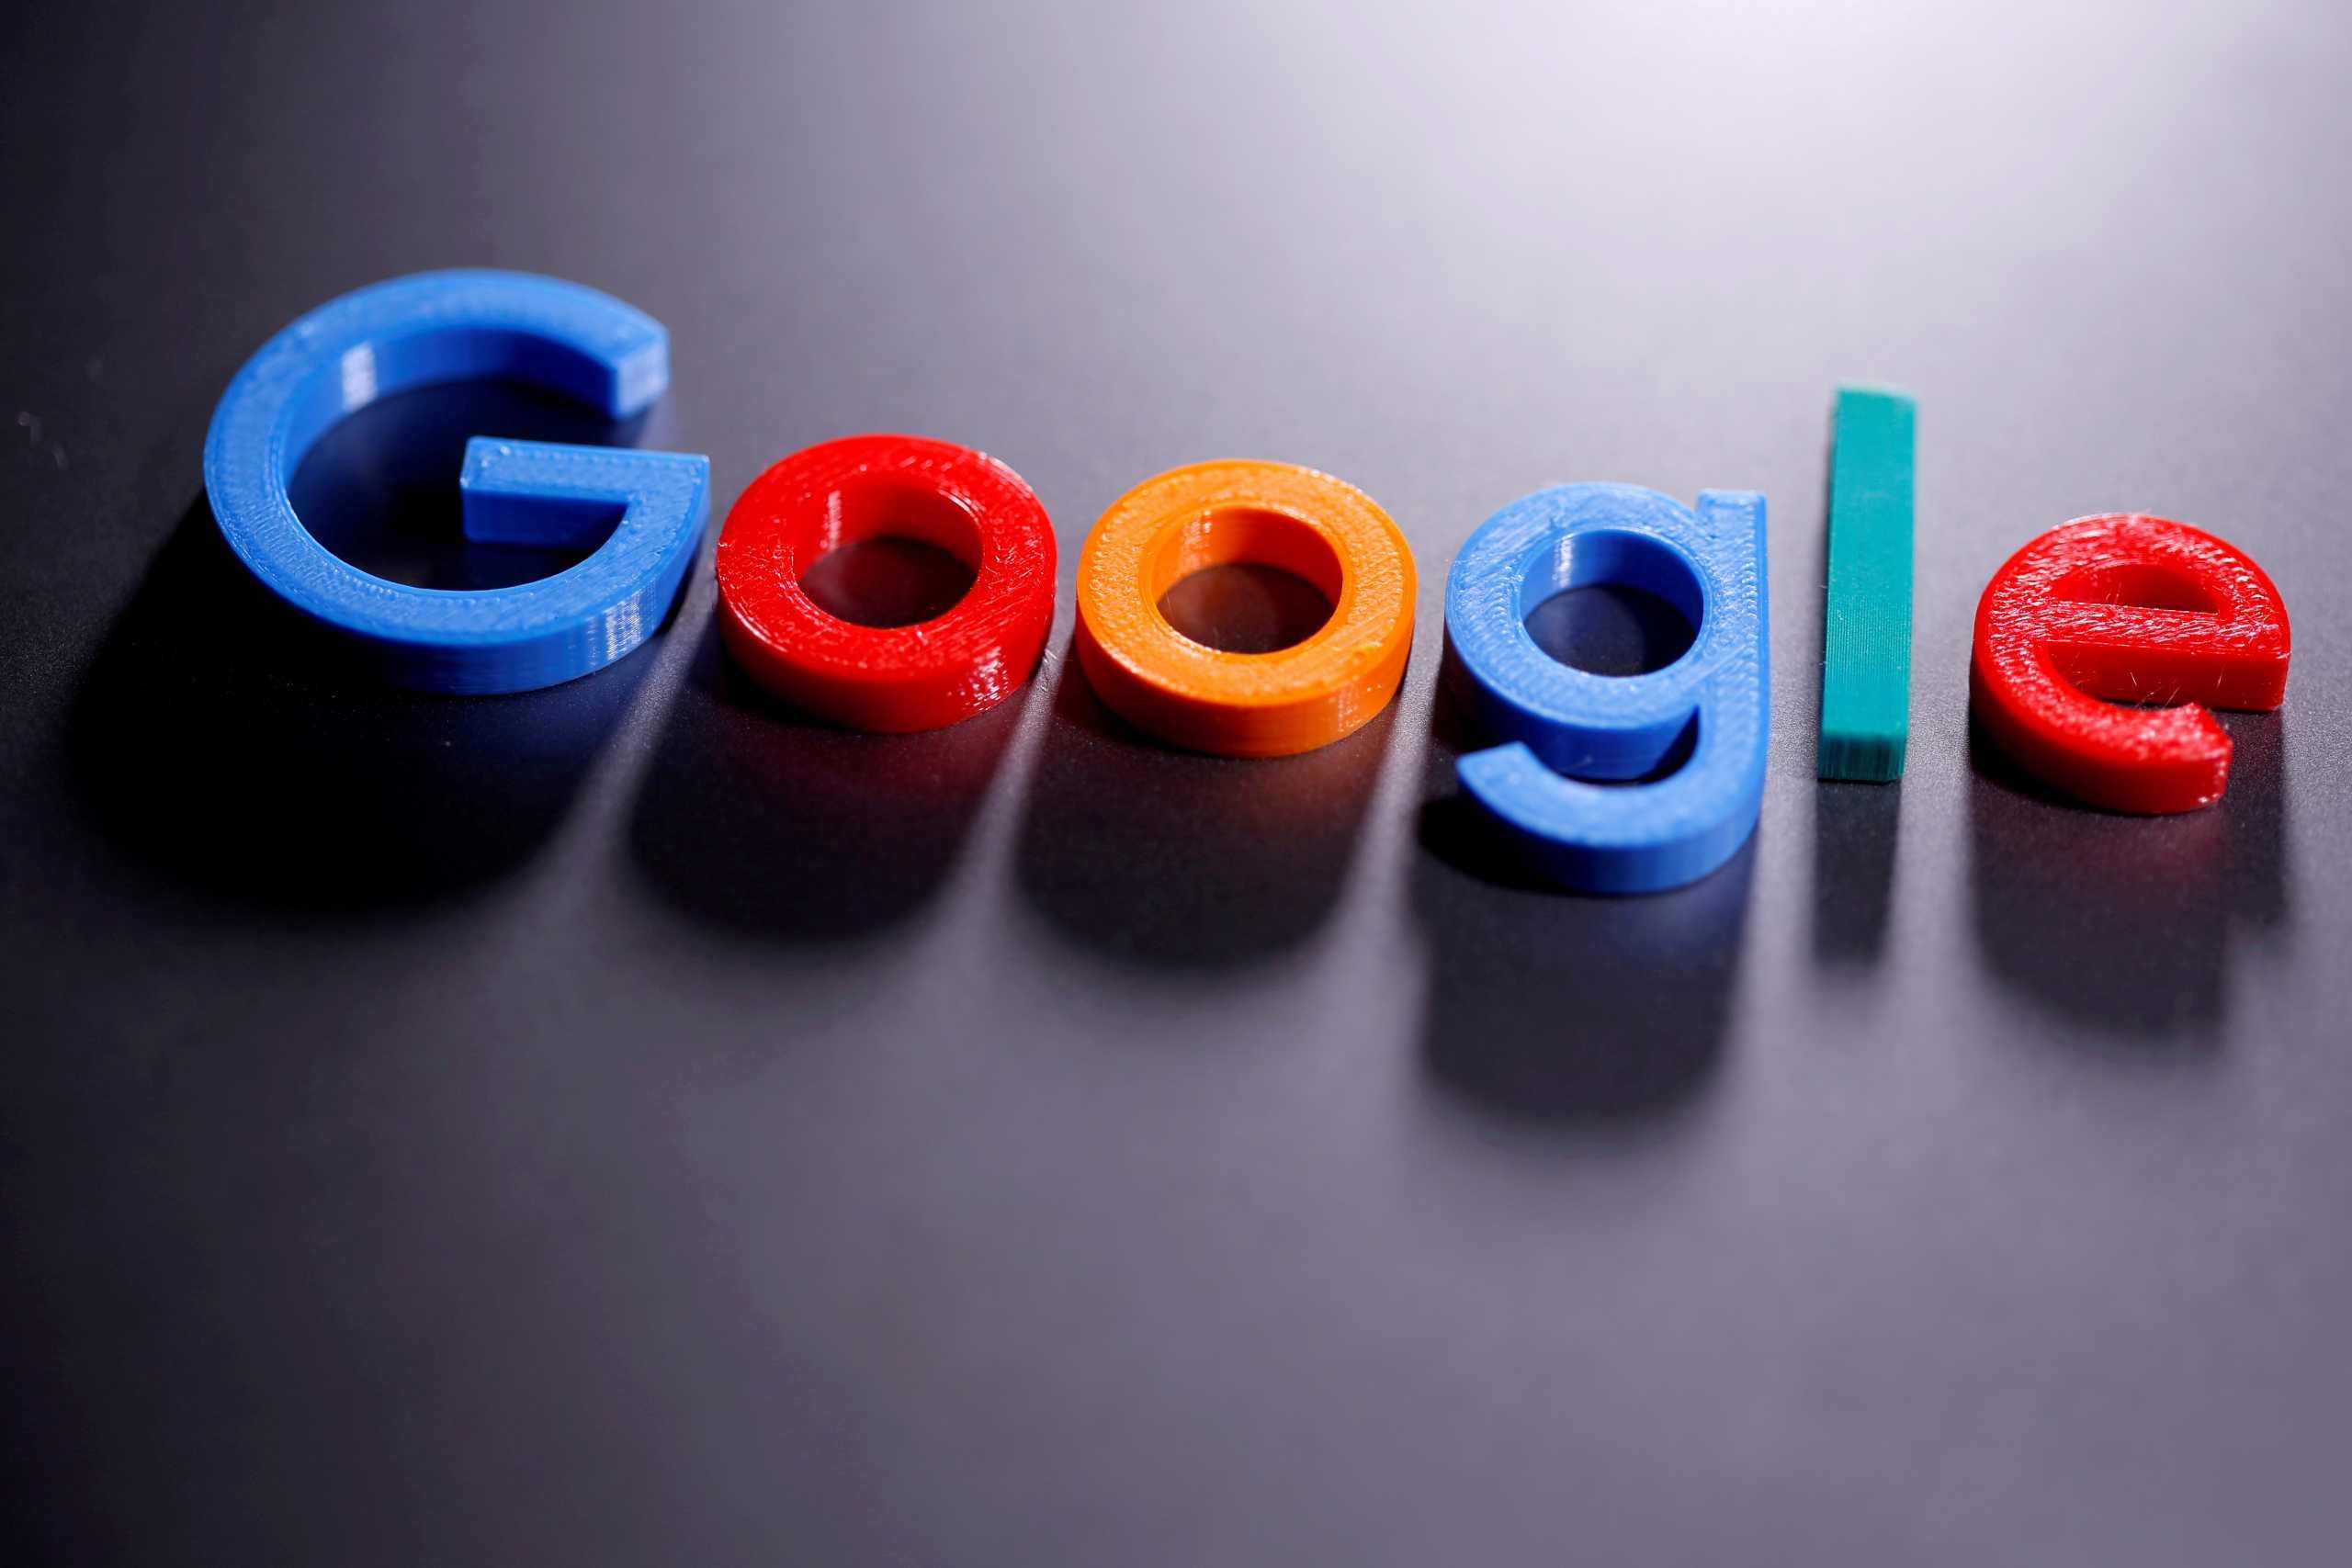 Google: Πρόστιμο 176 εκατ. δολαρίων από την Νότια Κορέα